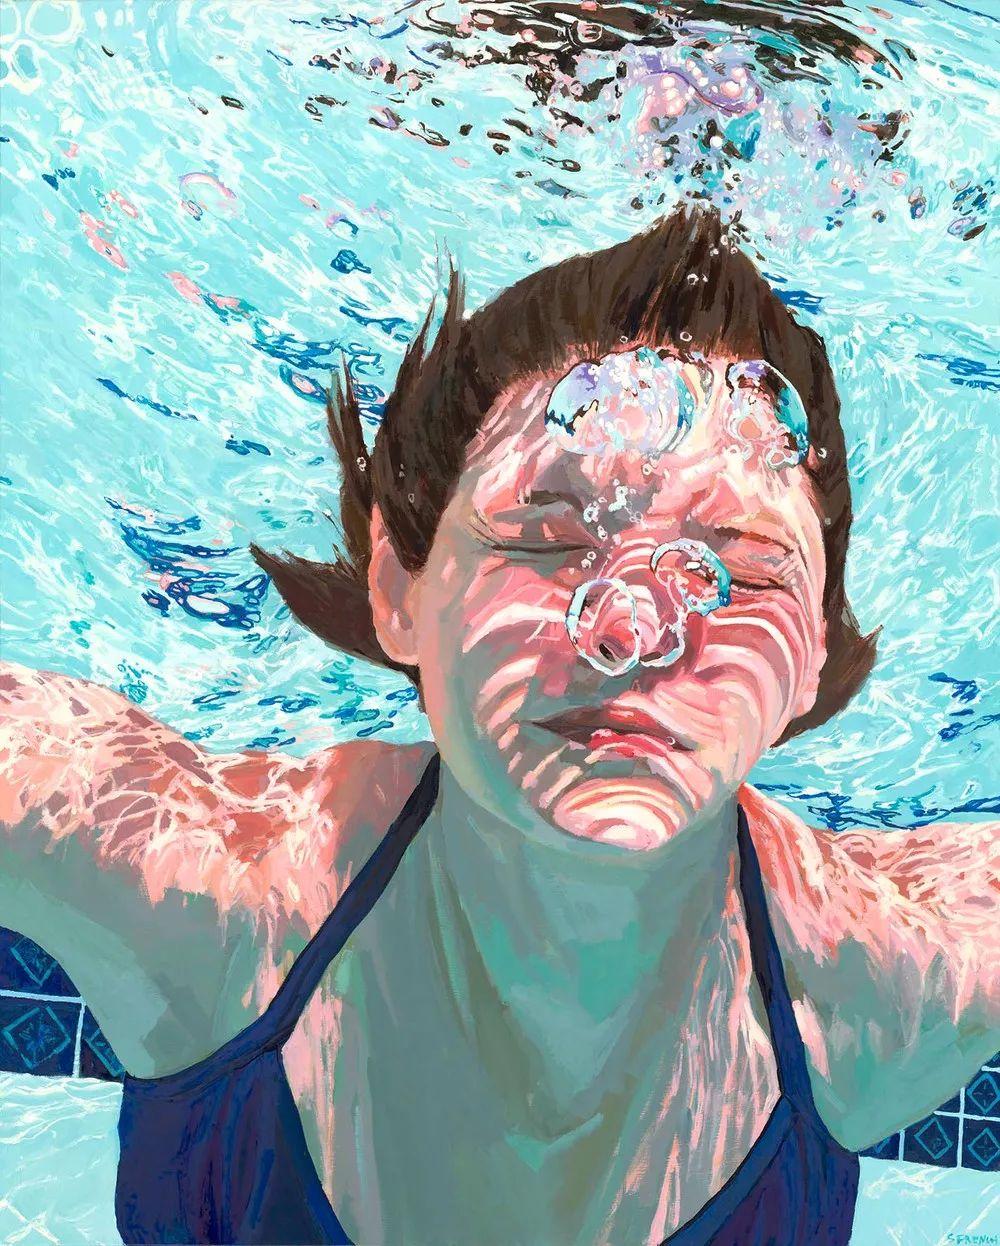 她十四年如一日,只为捕捉水流背面暗涌的光芒插图22